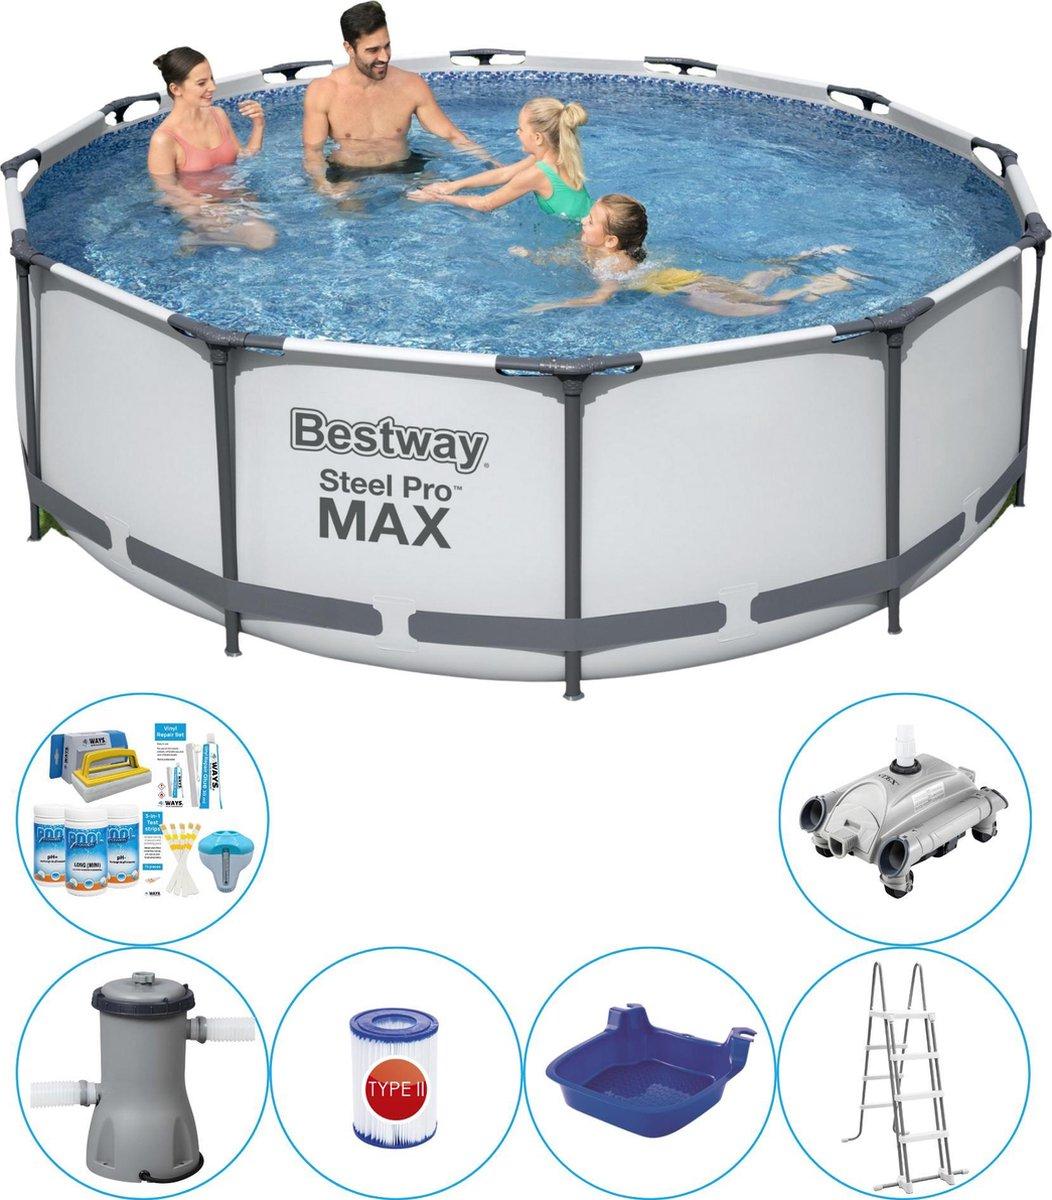 Bestway Steel Pro MAX Rond 366x100 cm - 7-delig - Zwembad Combinatie Set